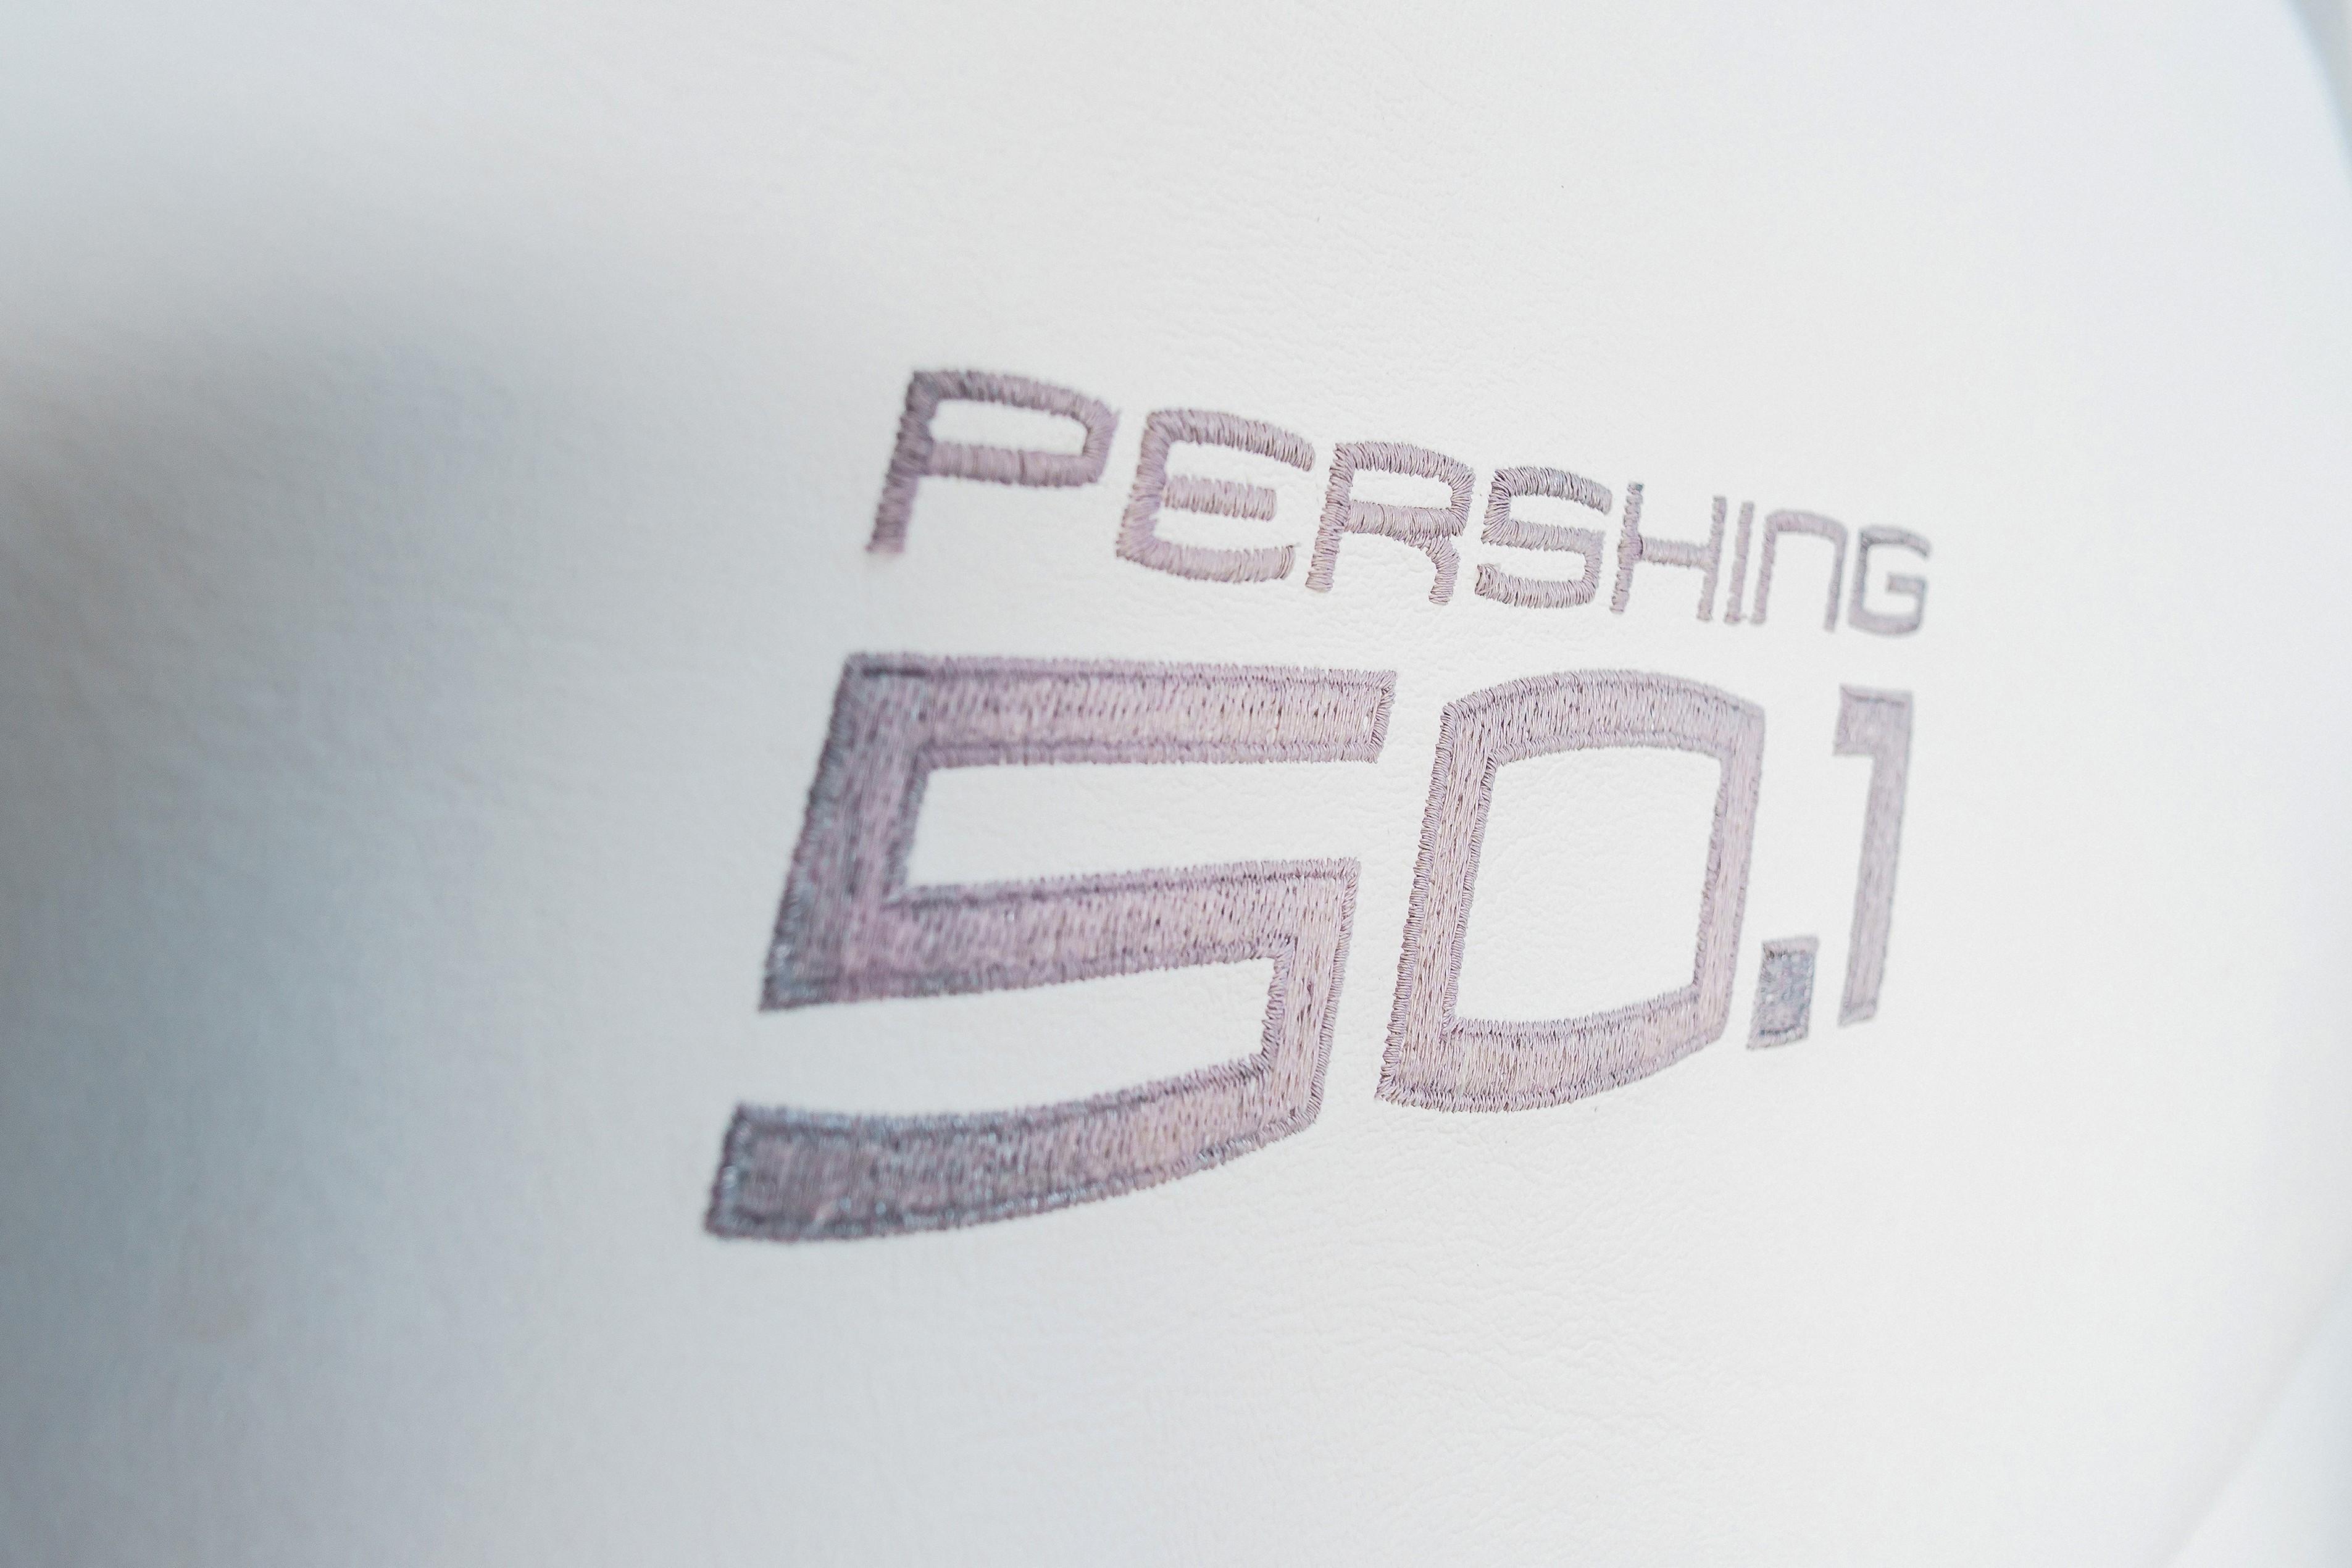 50' Pershing 2013